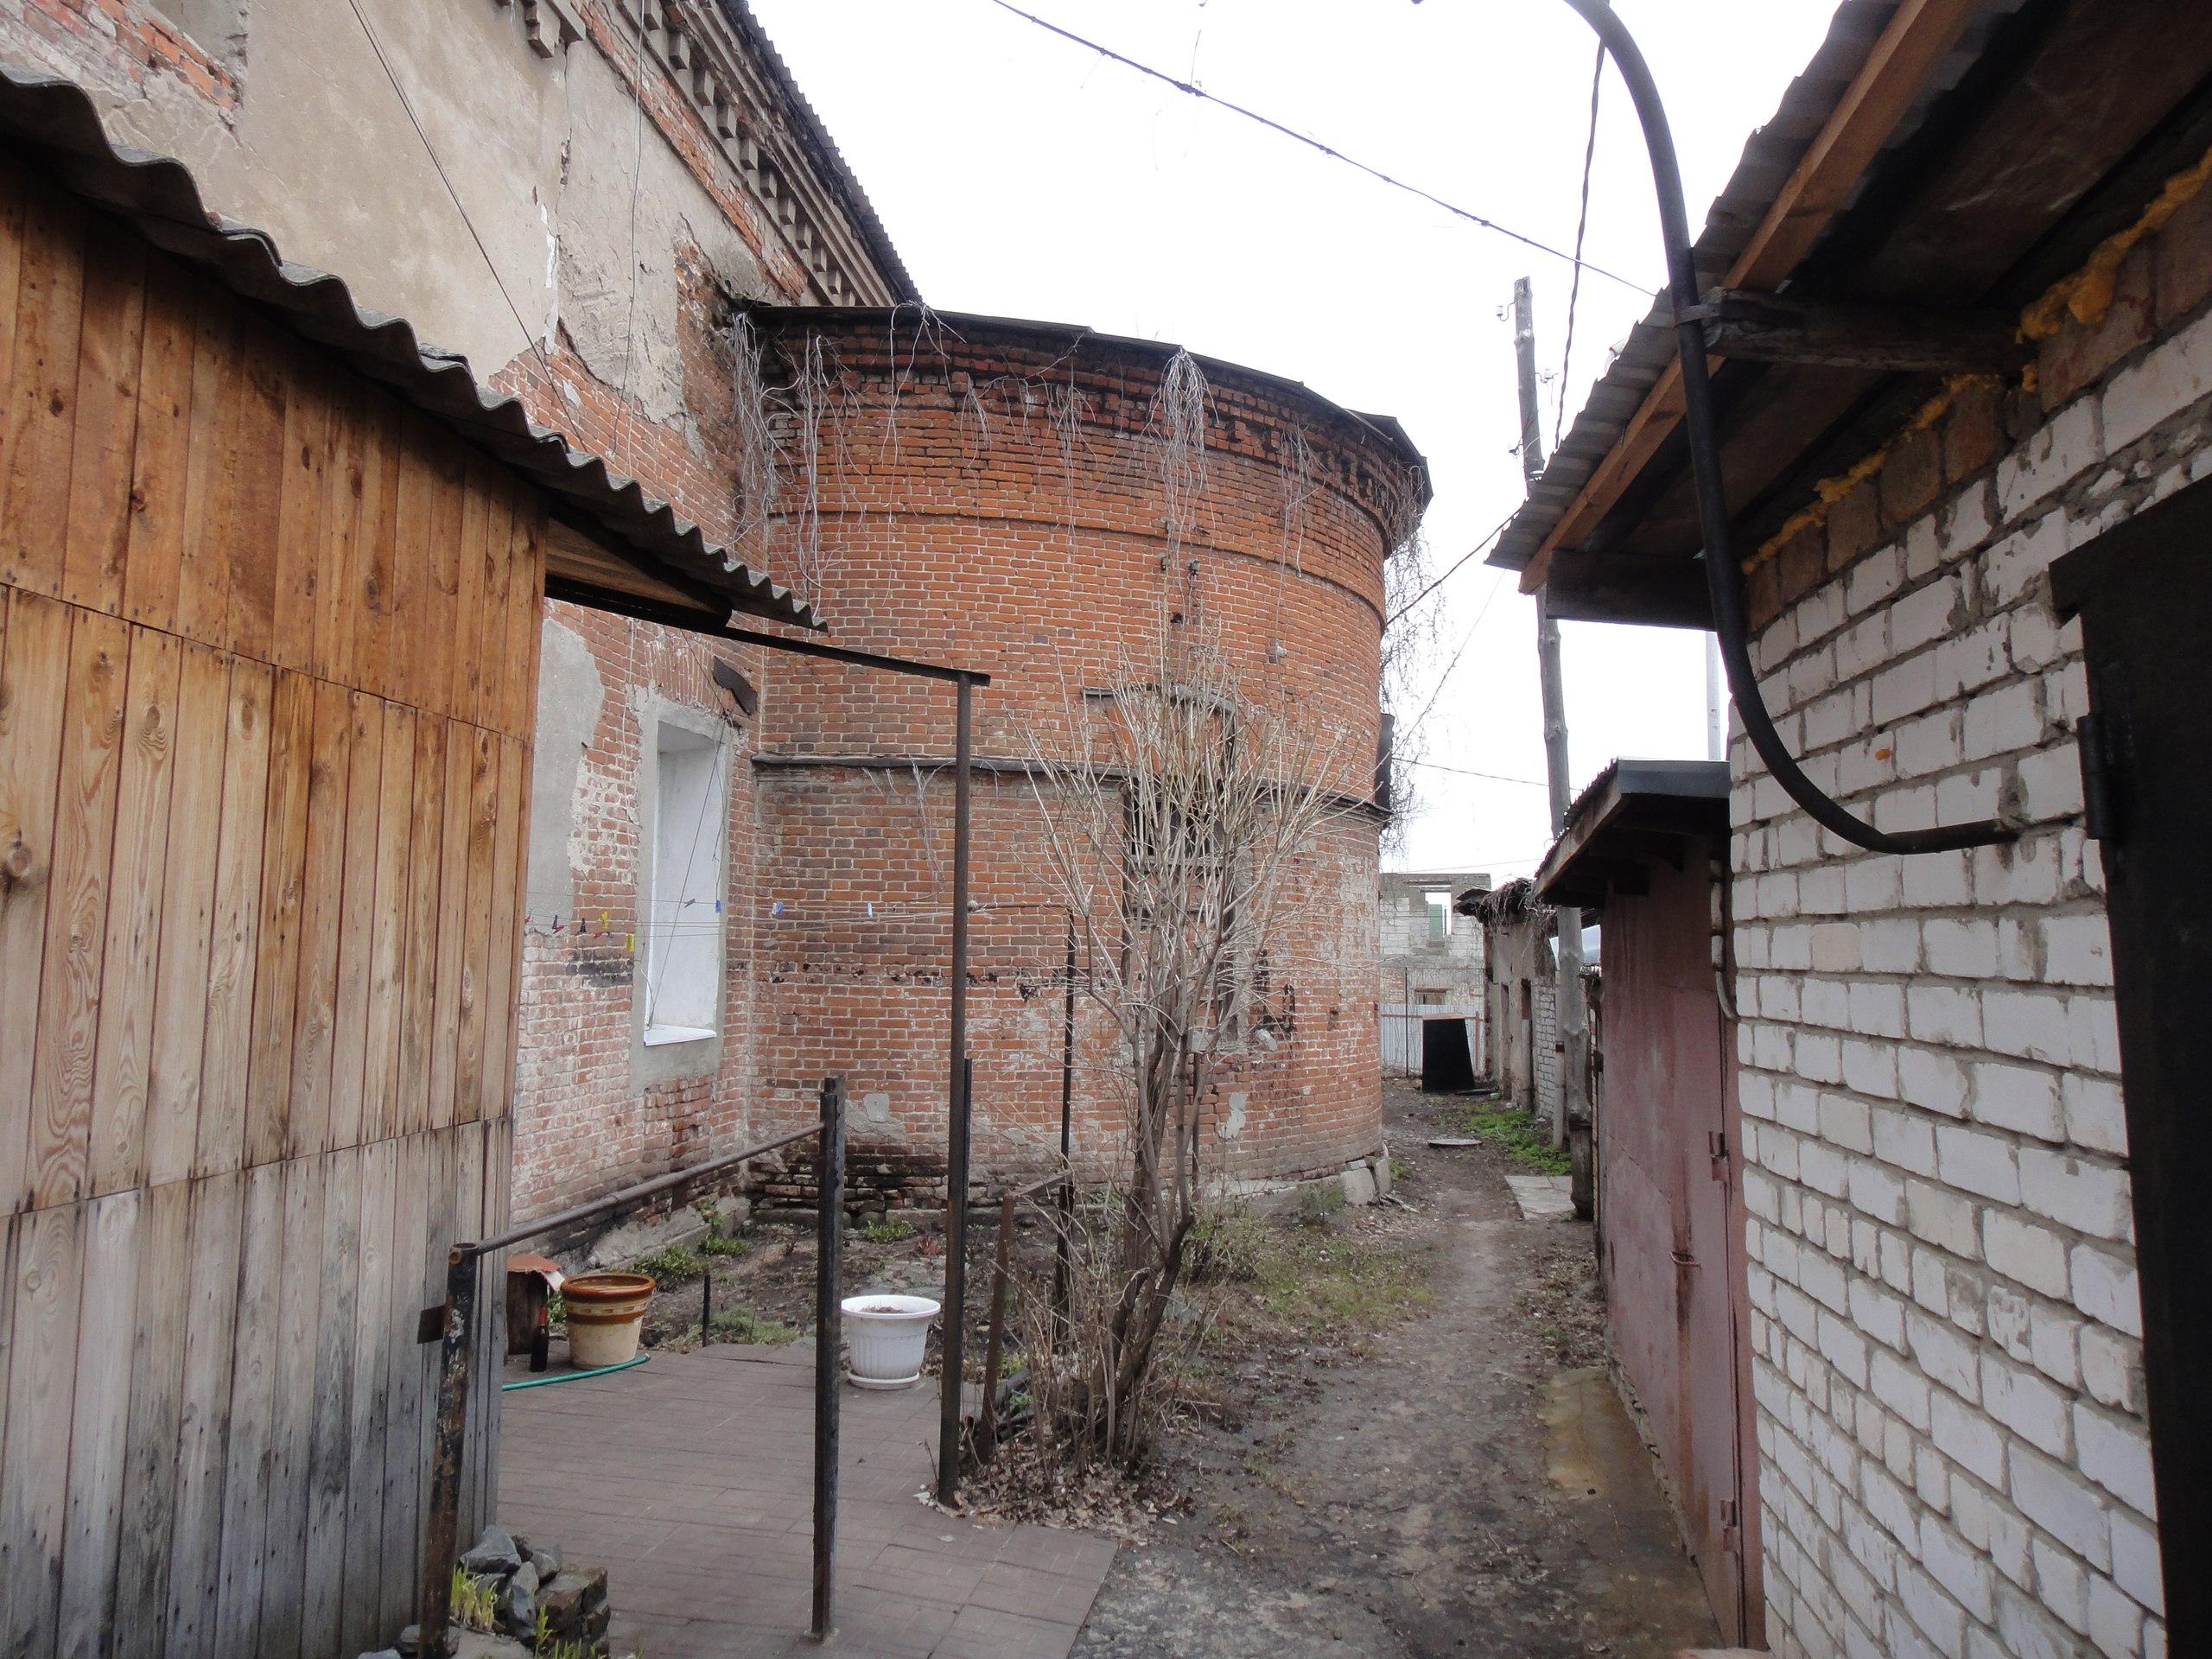 Воронежский Покровский девичий монастырь до и после Революции